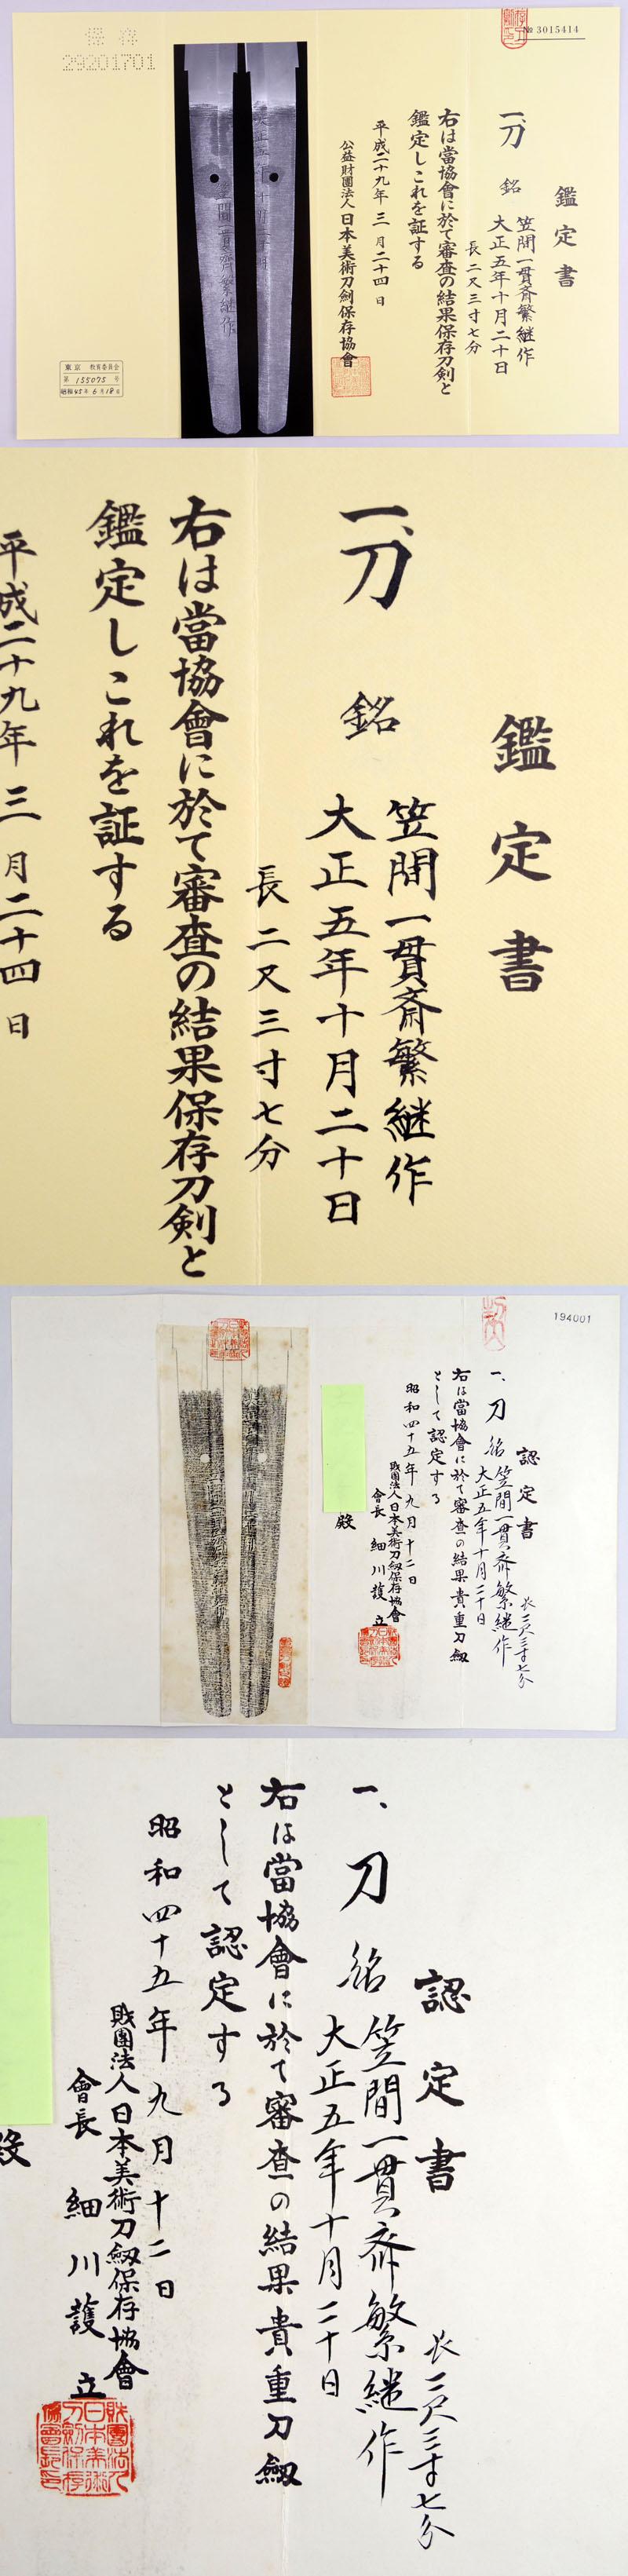 笠間一貫斎繁継作鑑定書画像